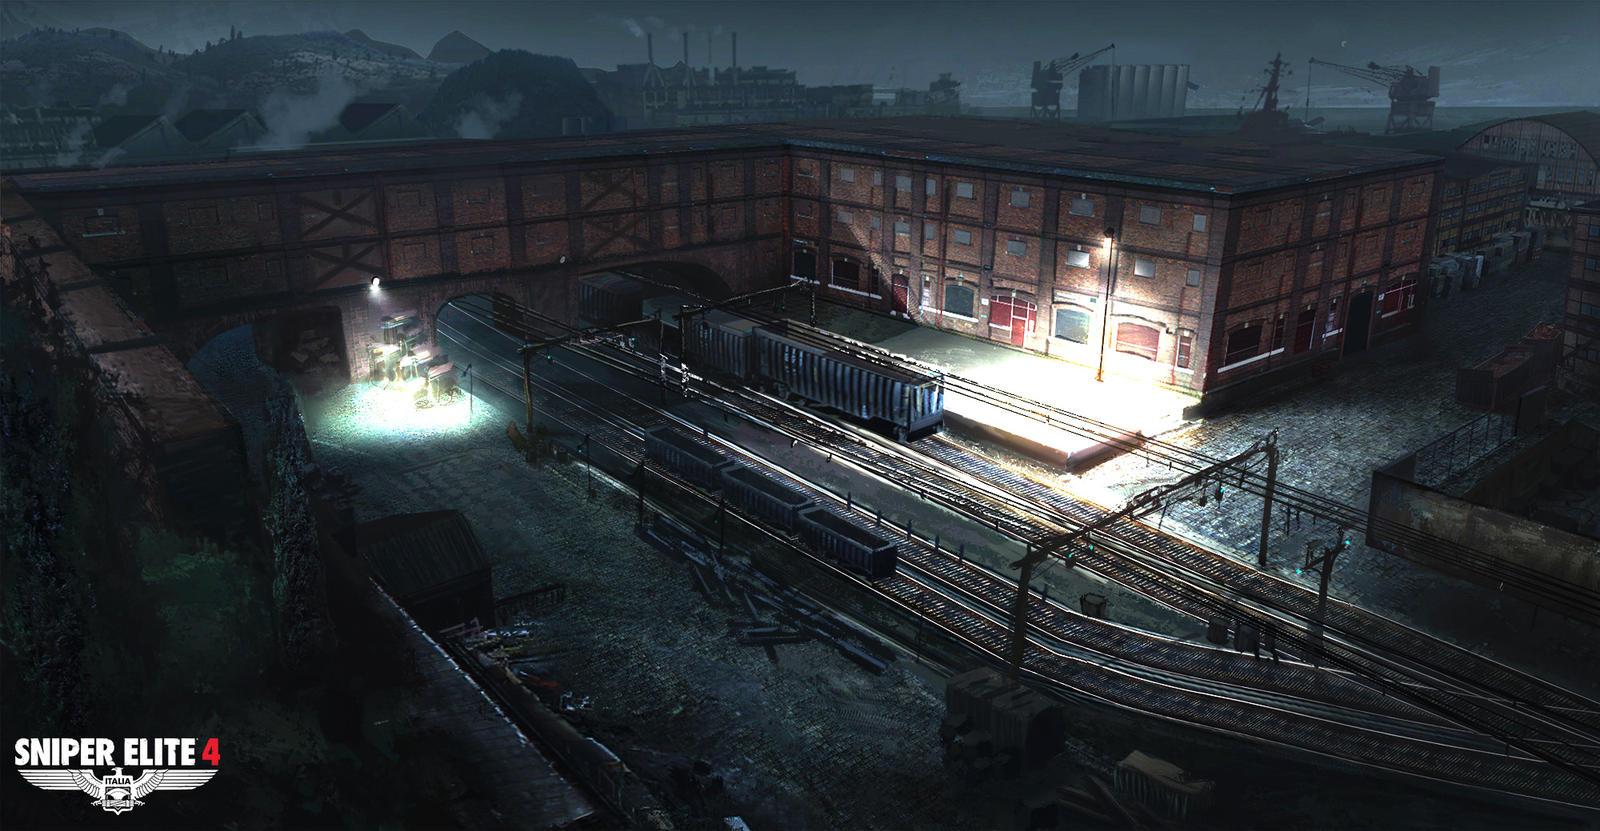 Sniper Elite 4 Concept 12 by JackEavesArt